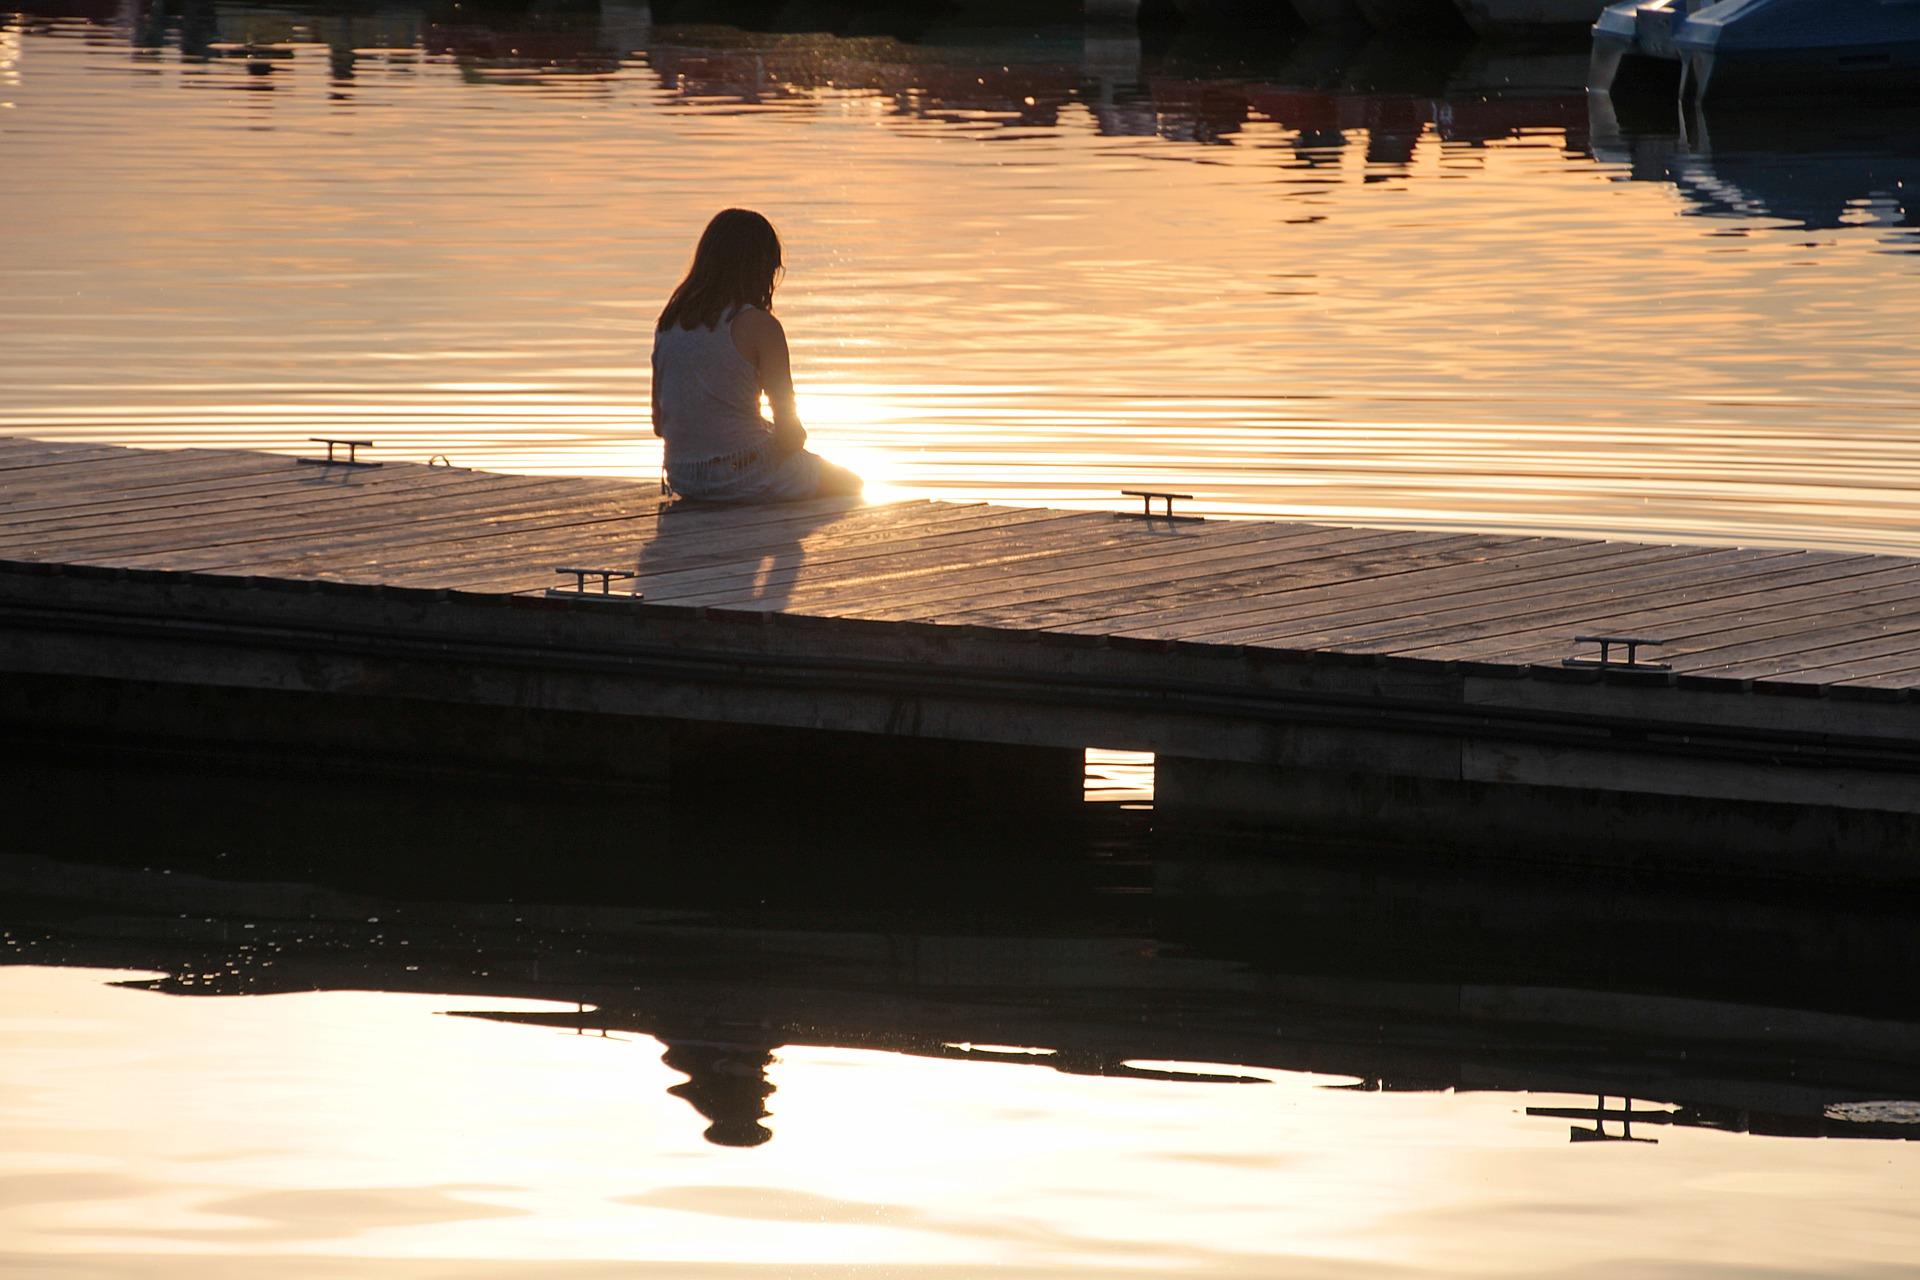 boat-dock-2745174_1920.jpg